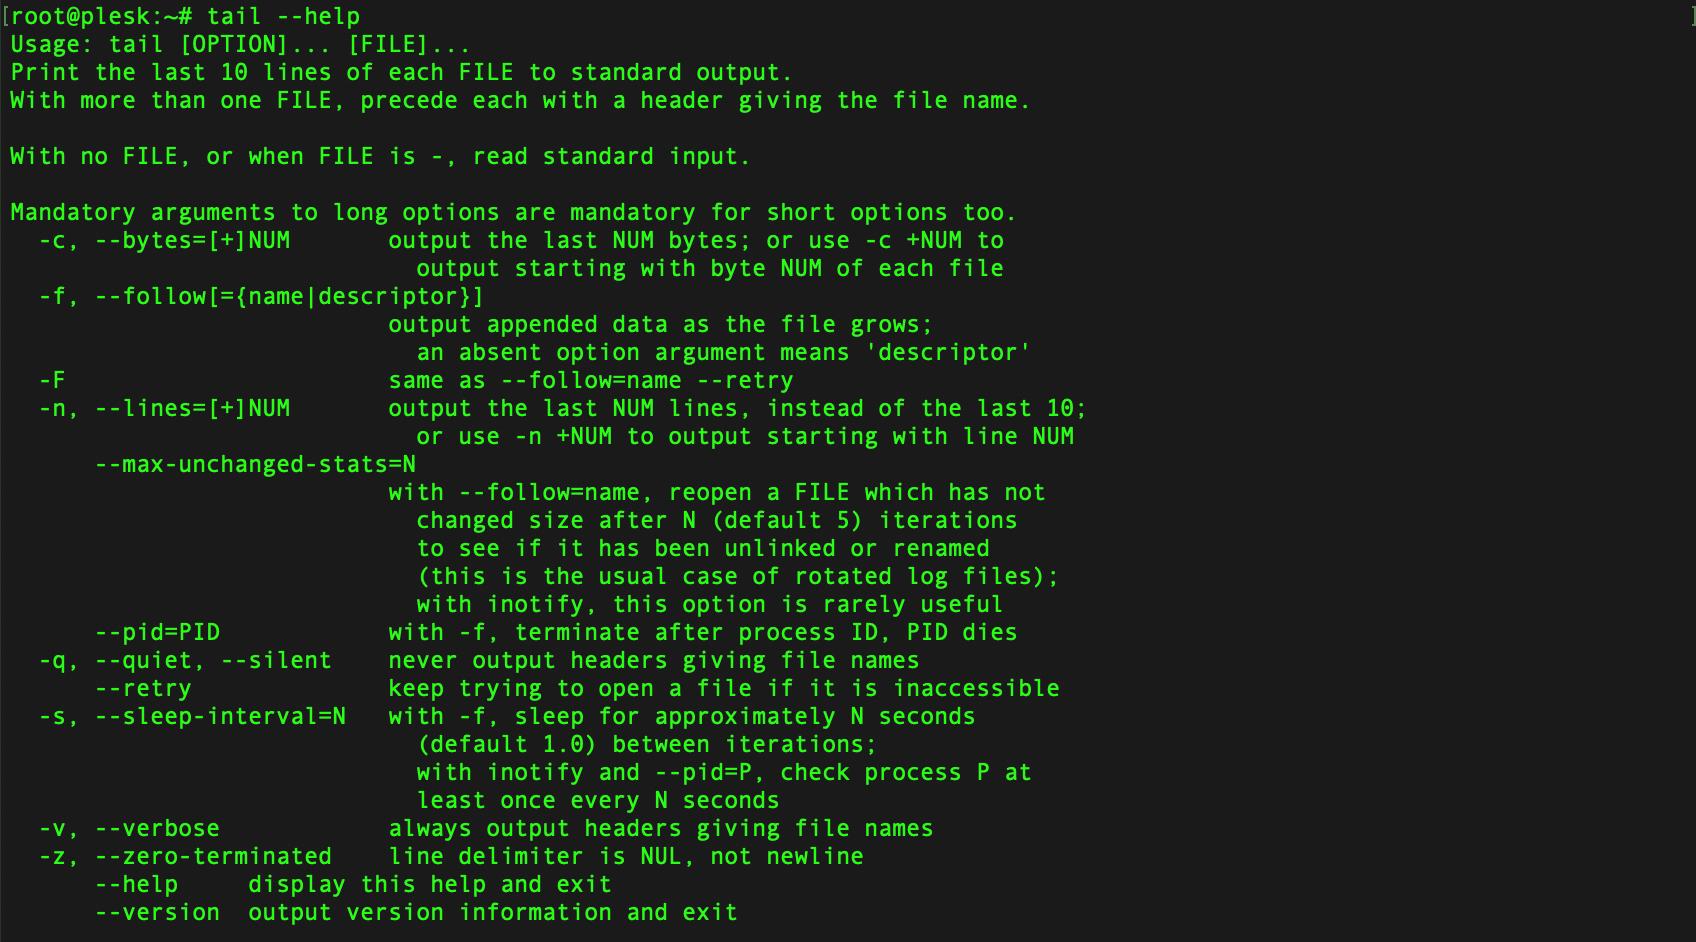 tail 命令的帮助文档